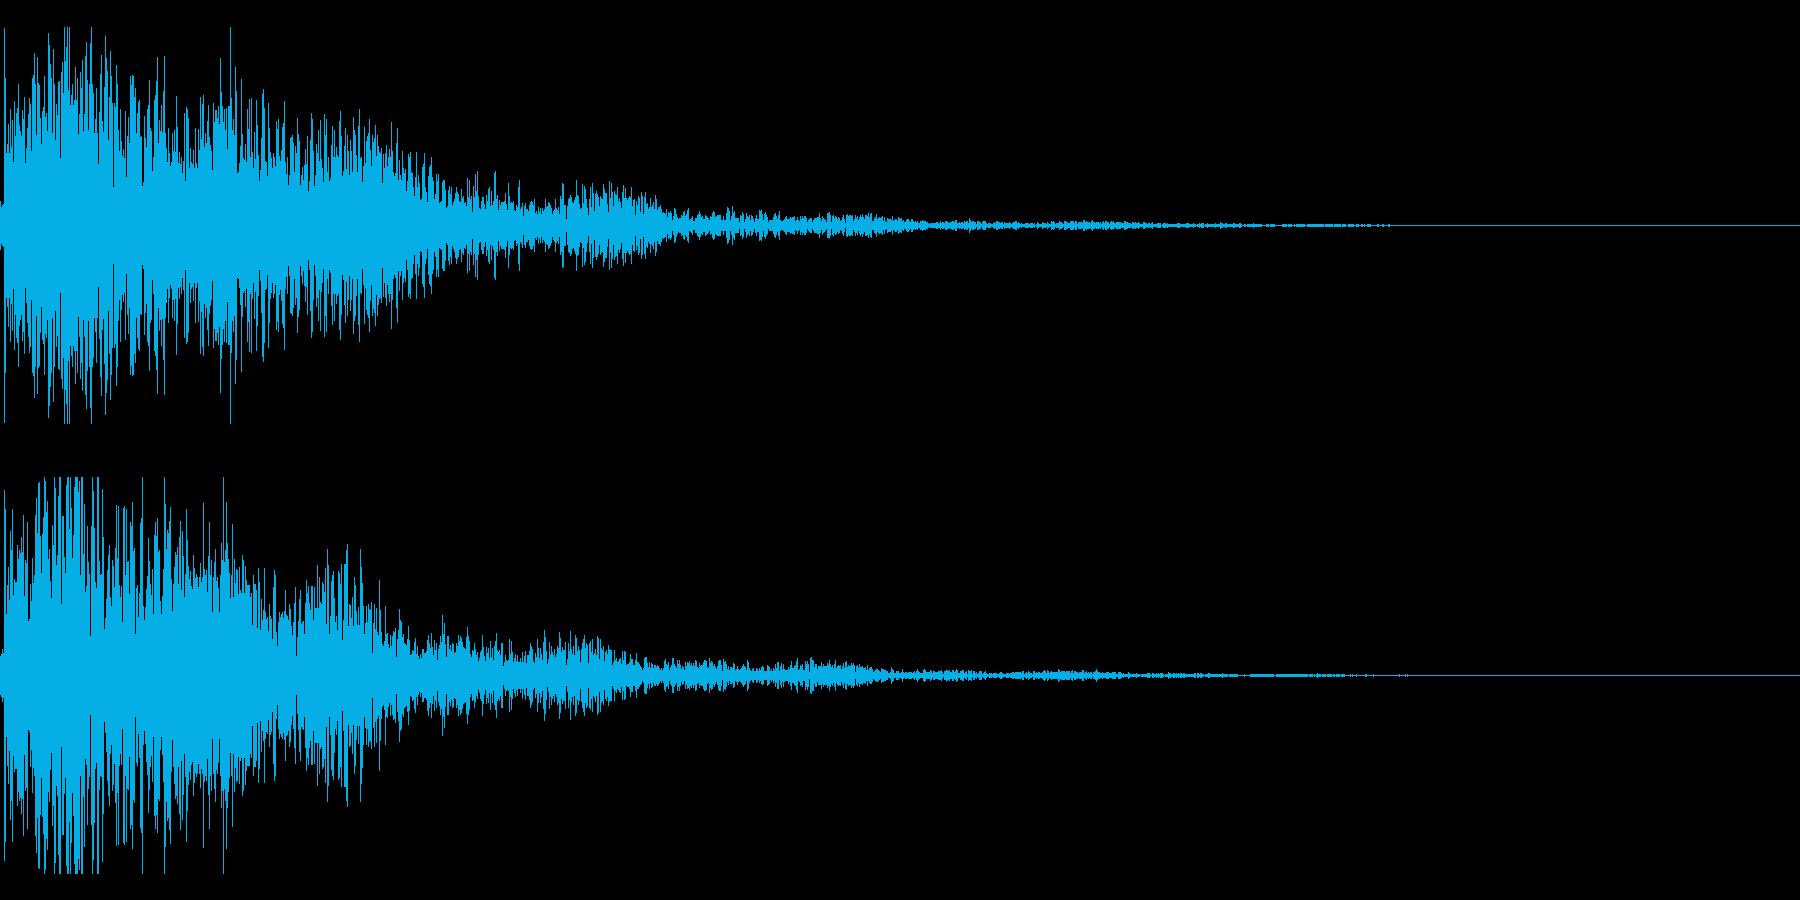 琴と太鼓の和風インパクトジングル! 01の再生済みの波形